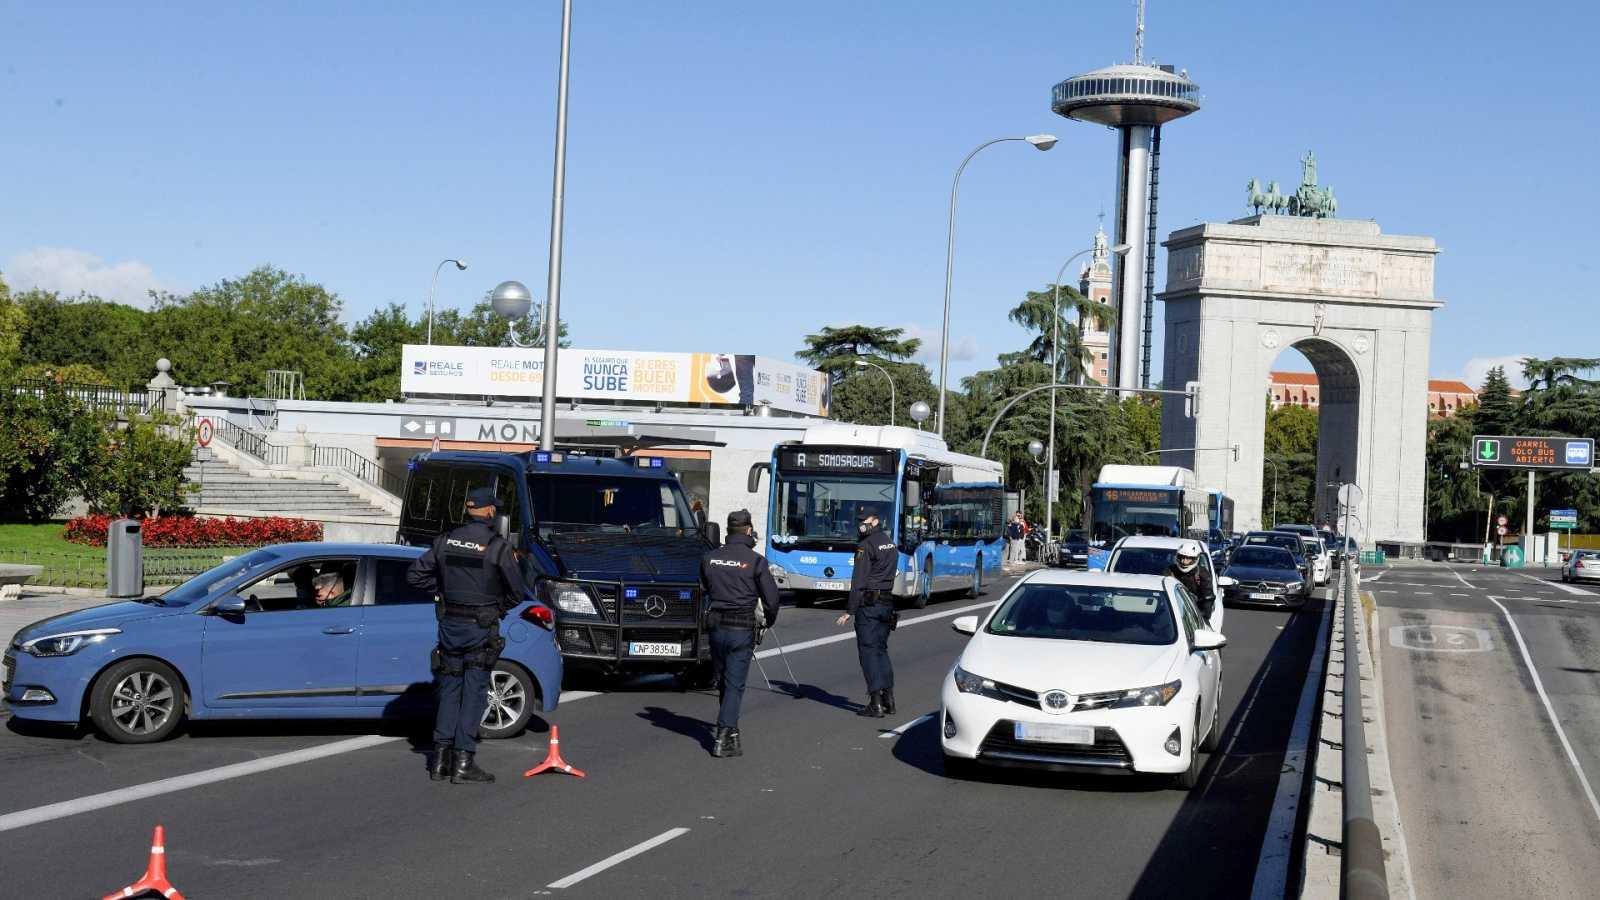 Policías montan un control en el distrito madrileño de Moncloa